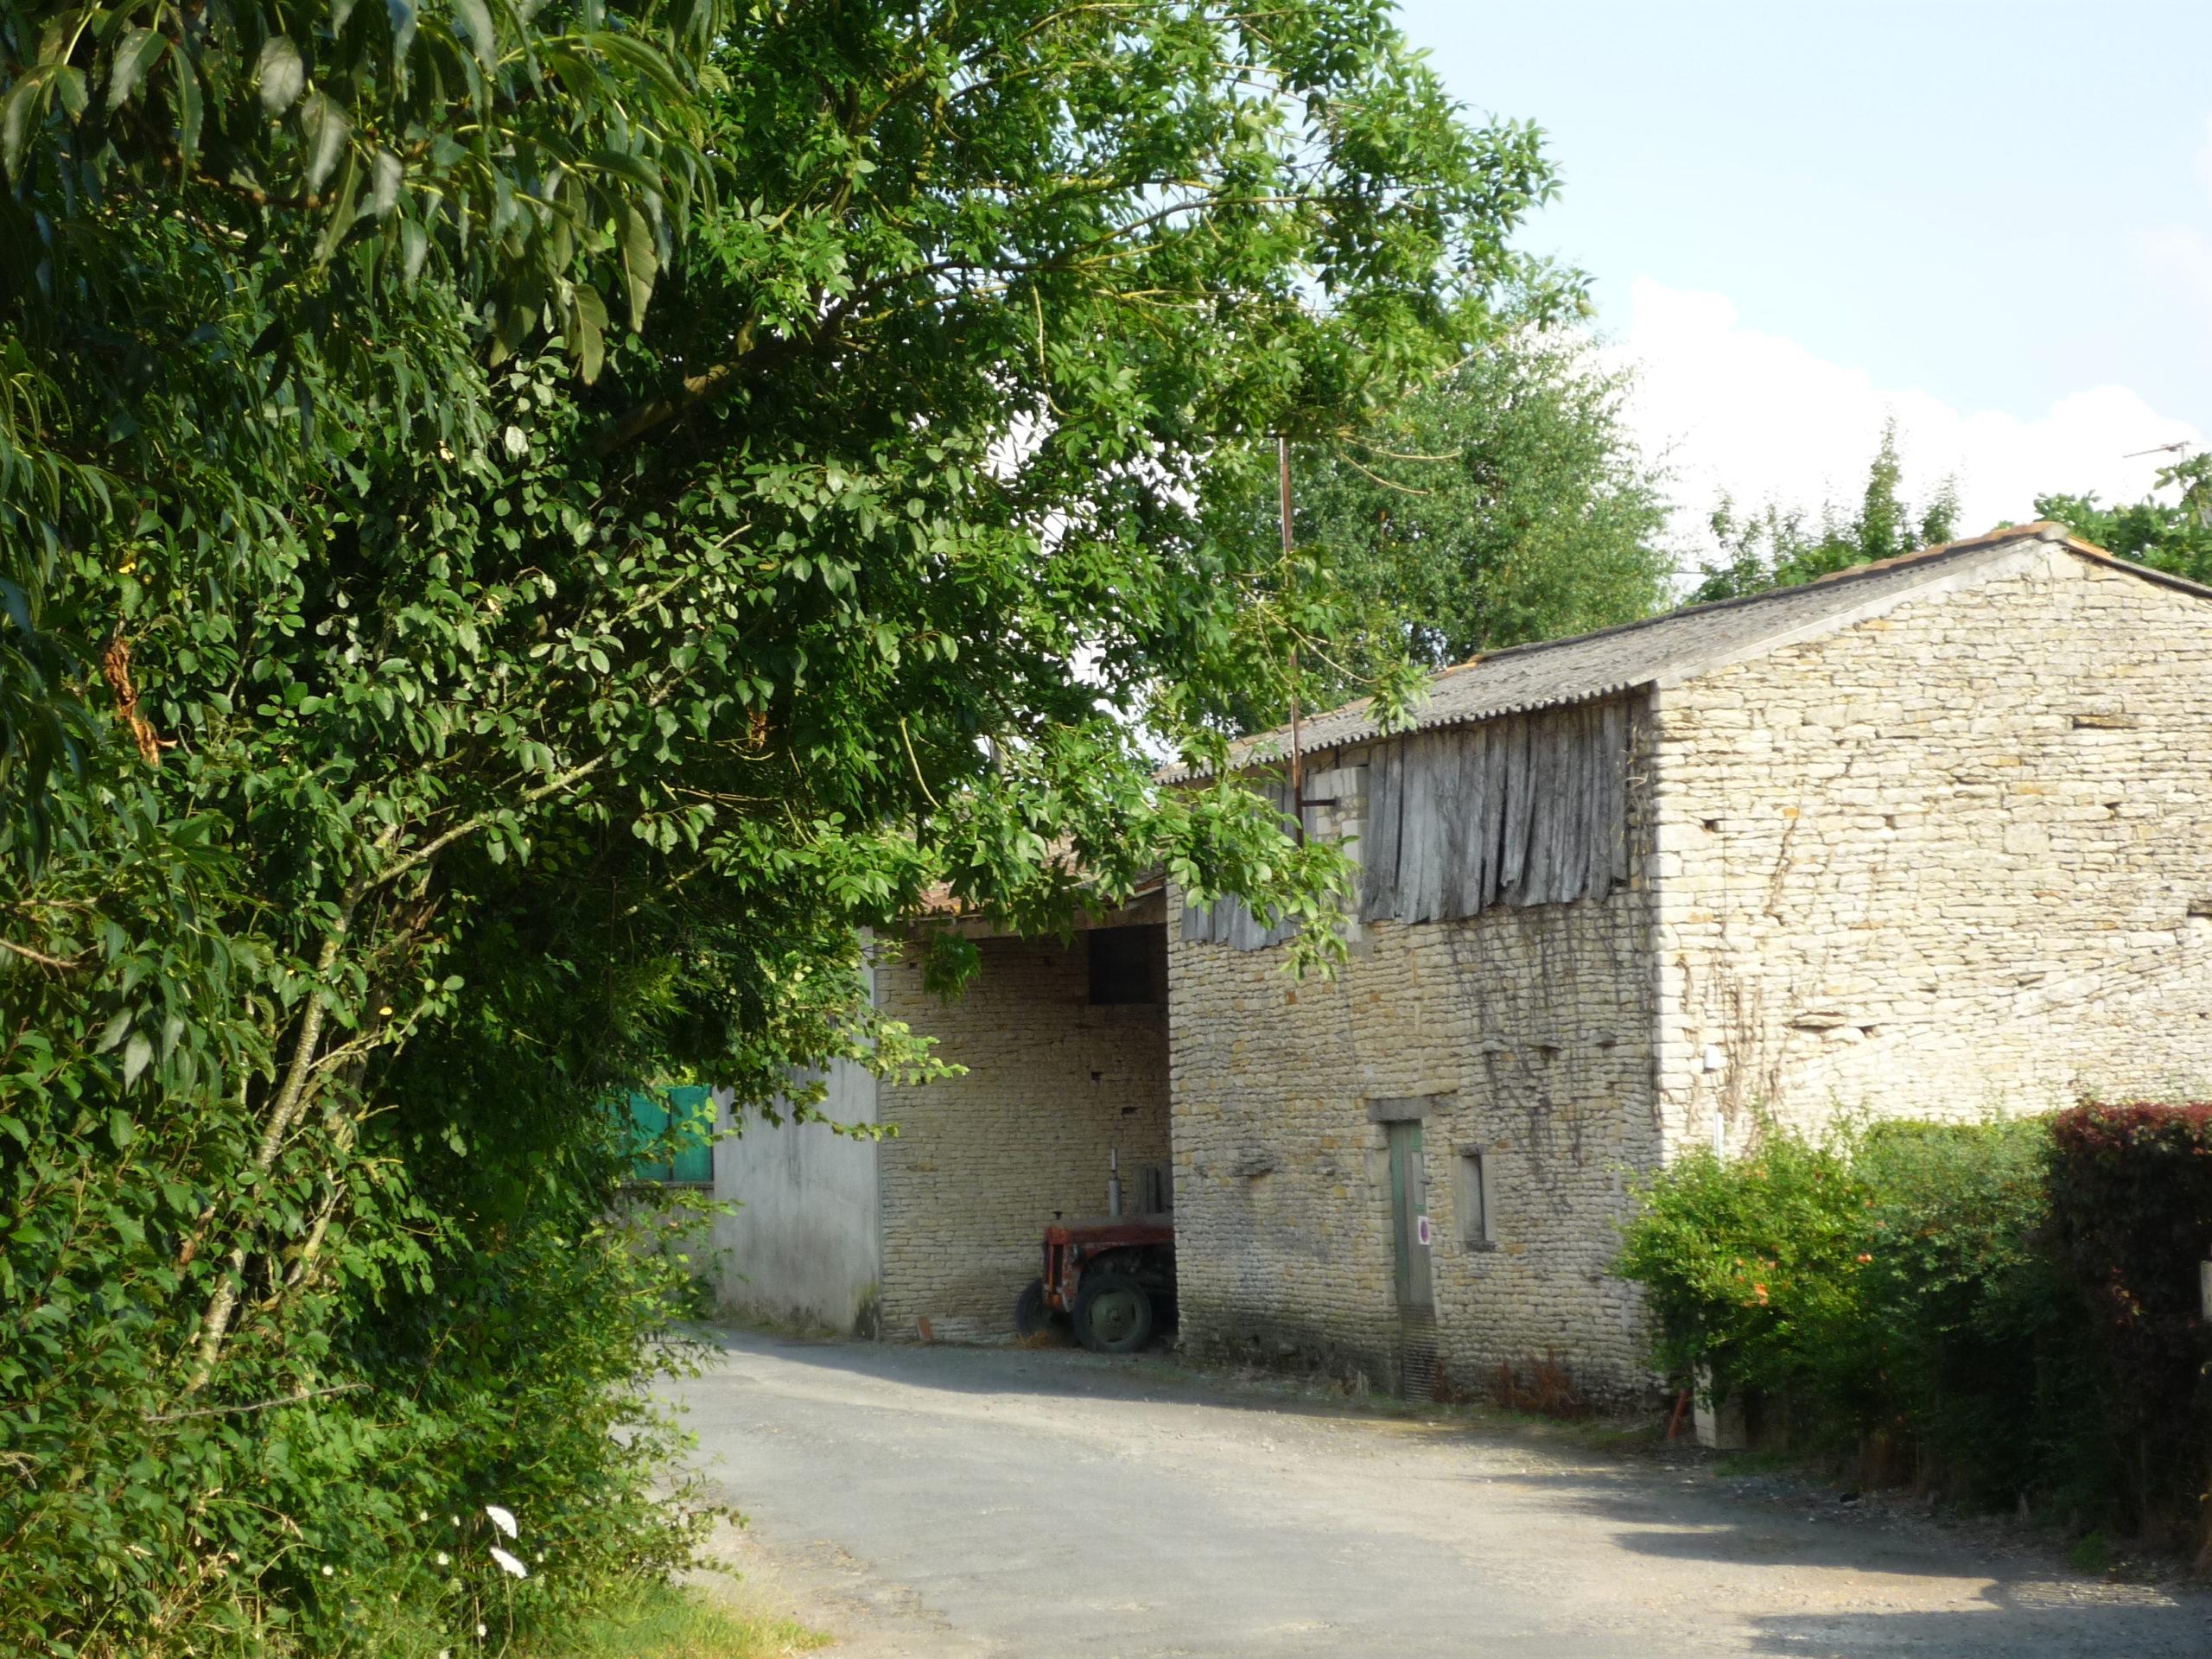 Villages-rues de la Rivière et de Monfaucon Saint-Hilaire-la-Palud